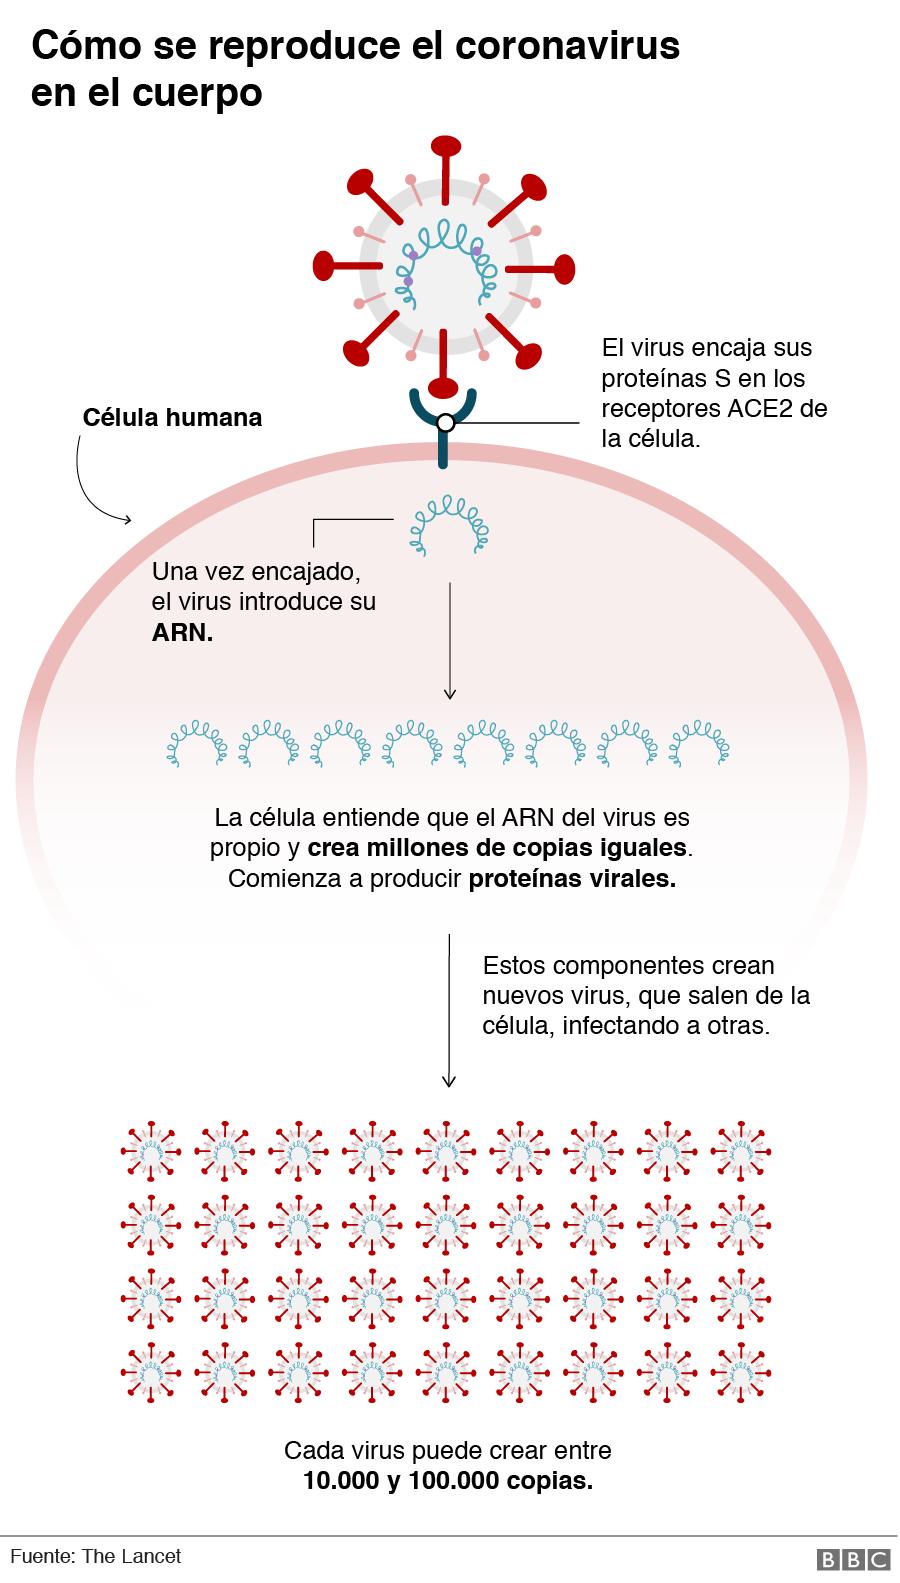 Gráfico mostrando cómo se reproduce el coronavirus en el cuerpo